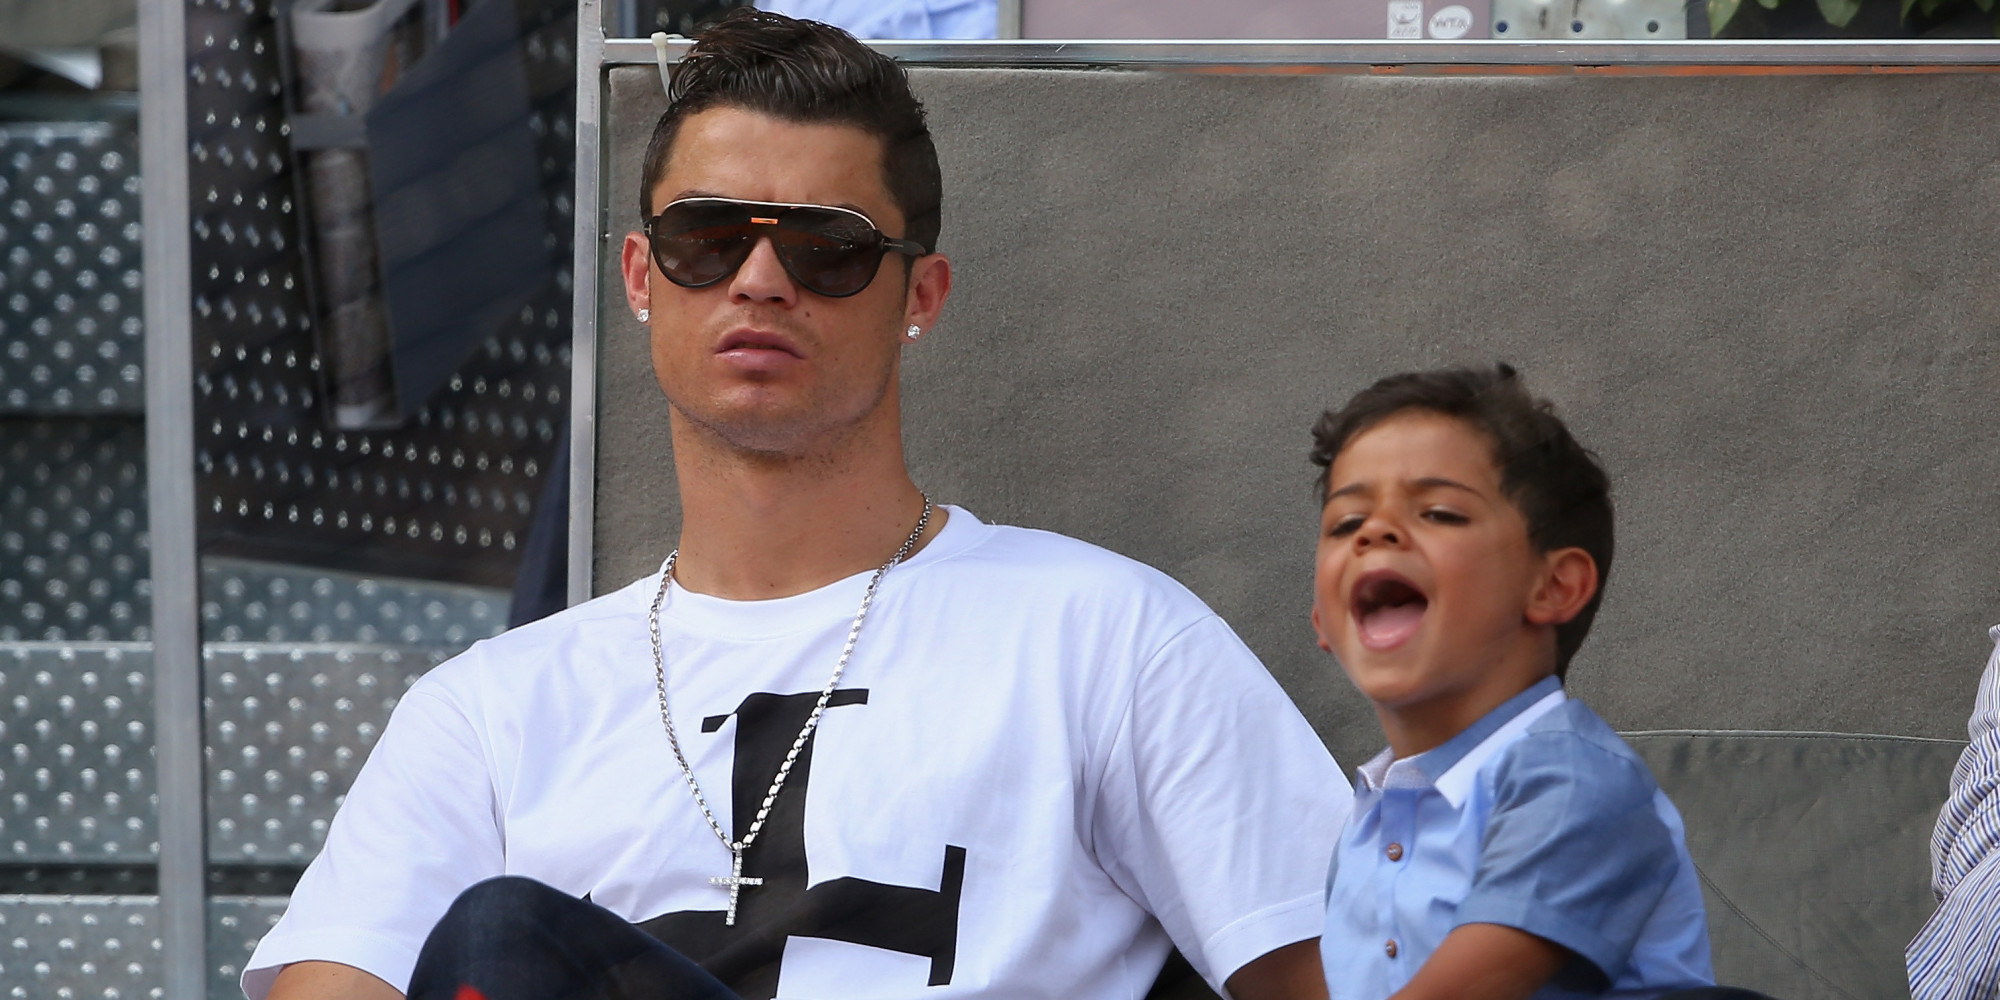 El hijo de Cristiano Ronaldo se emociona al conocer a Lionel Messi ...